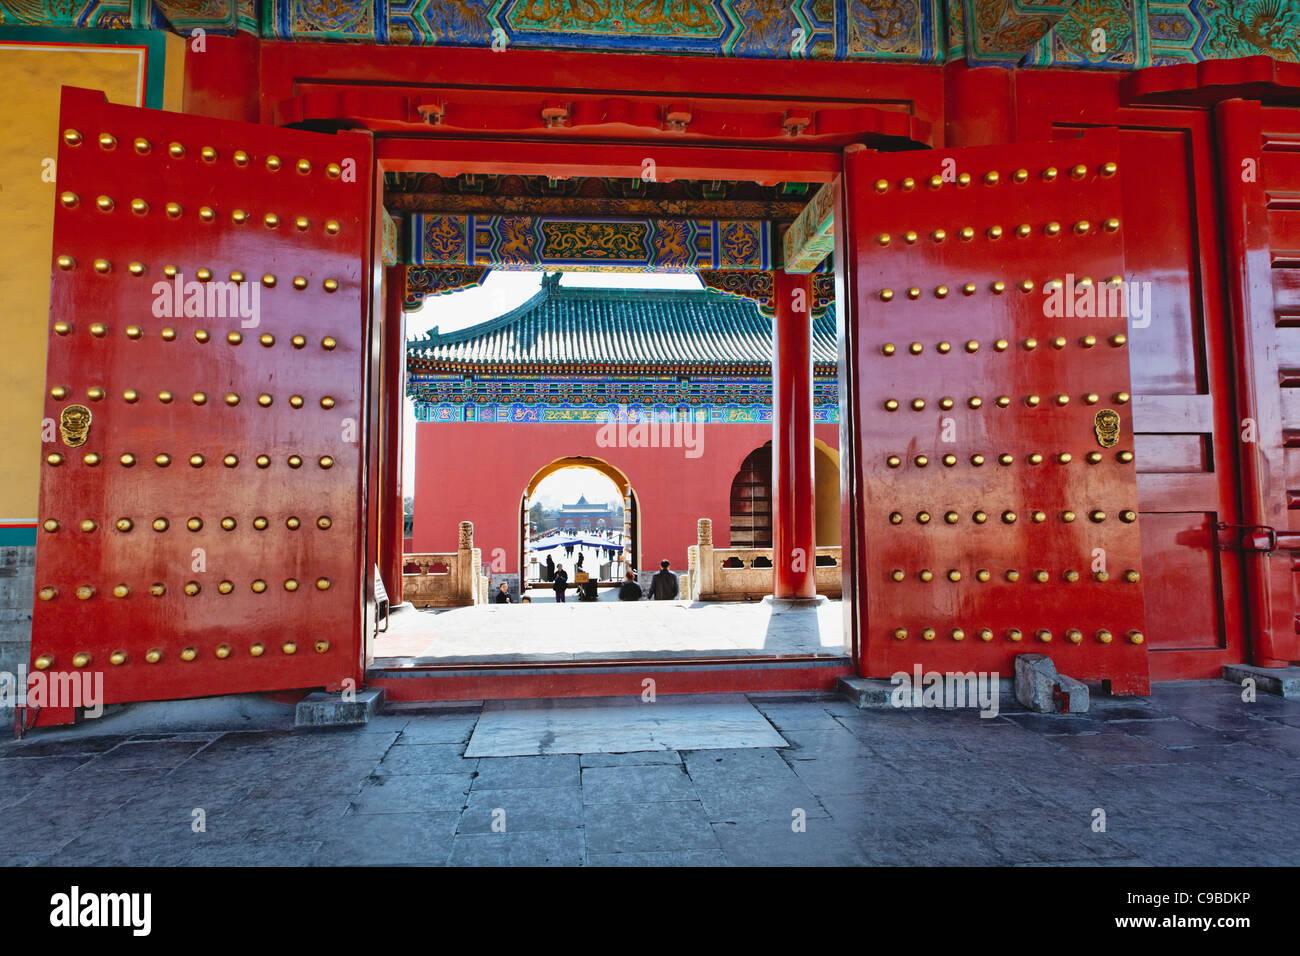 Puertas rojo con número de la suerte de los prisioneros, el Templo del Cielo, Pekín, China Imagen De Stock